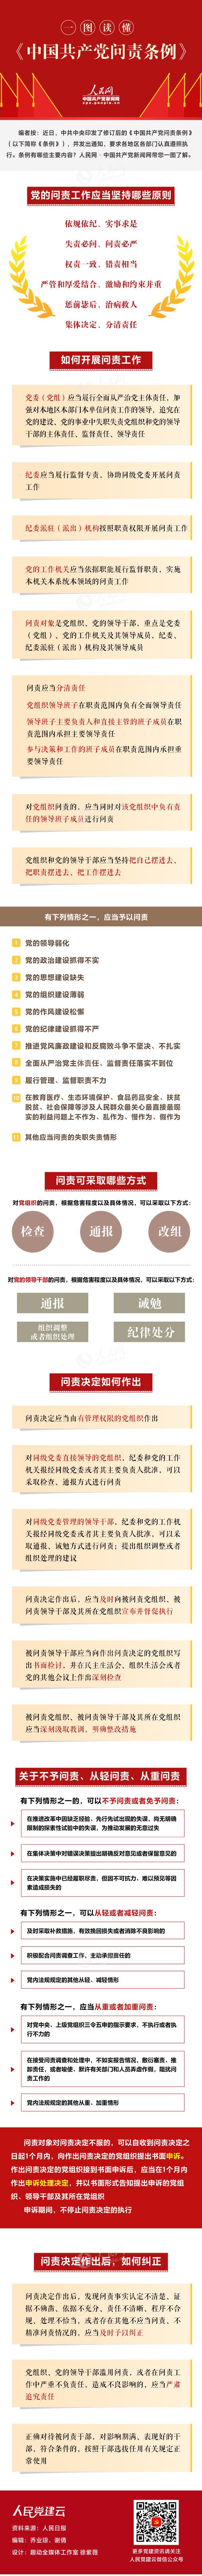 一圖讀懂《中國共產黨問責條例》.jpg